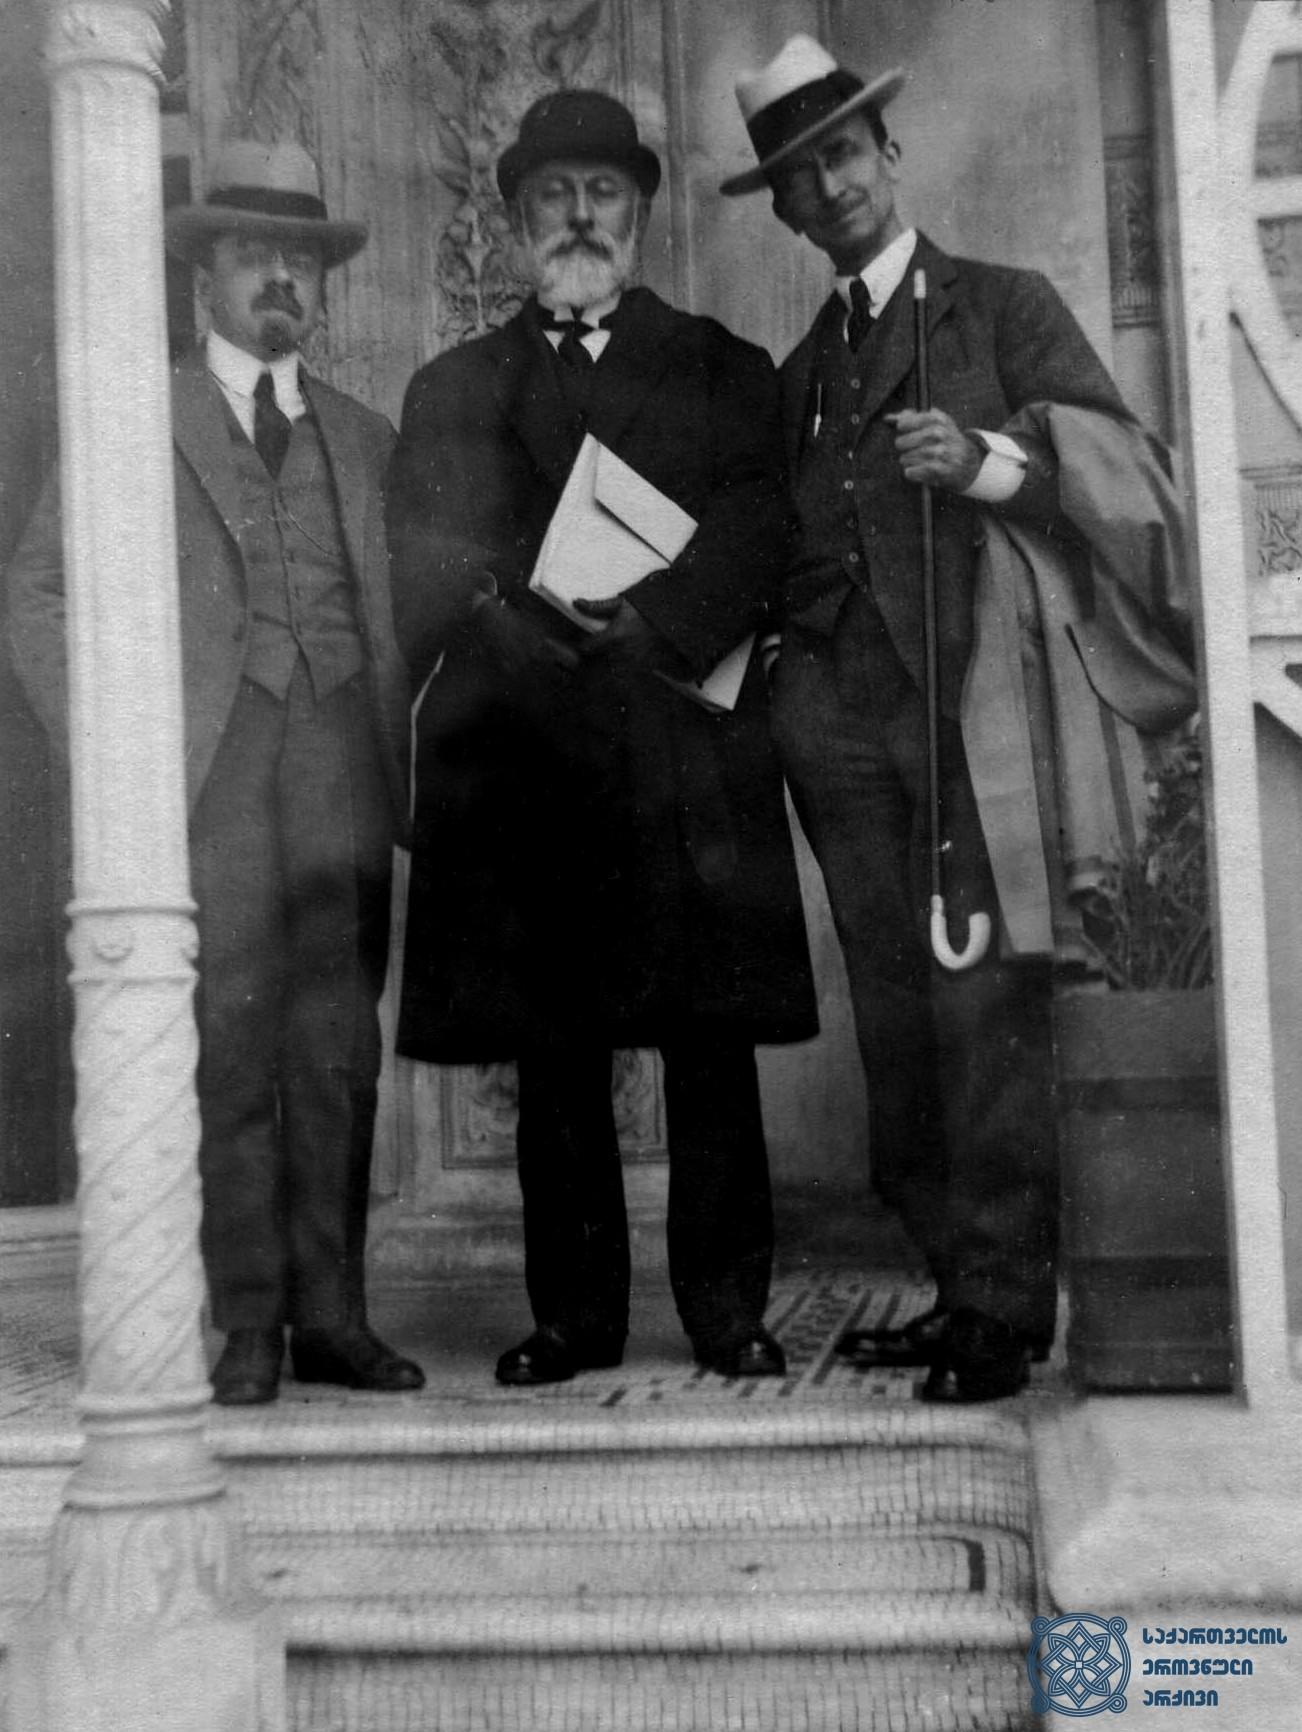 ბელგიელი სოციალისტები – ემილ ვანდერველდე (მარცხნივ) და კამილ ჰიუსმანსი (მარჯვნივ) – თბილისში, საქართველოს მთავრობის თავმჯდომარე ნოე ჟორდანიასთან ერთად. 1920 წლის სექტემბერი. <br> Belgian Socialists - Emile Vandervelde (on the left) and Camille Huysmans (on the right) - in Tbilisi, together with the Chairman of the Government of Georgia Noe Zhordania. September 1920.